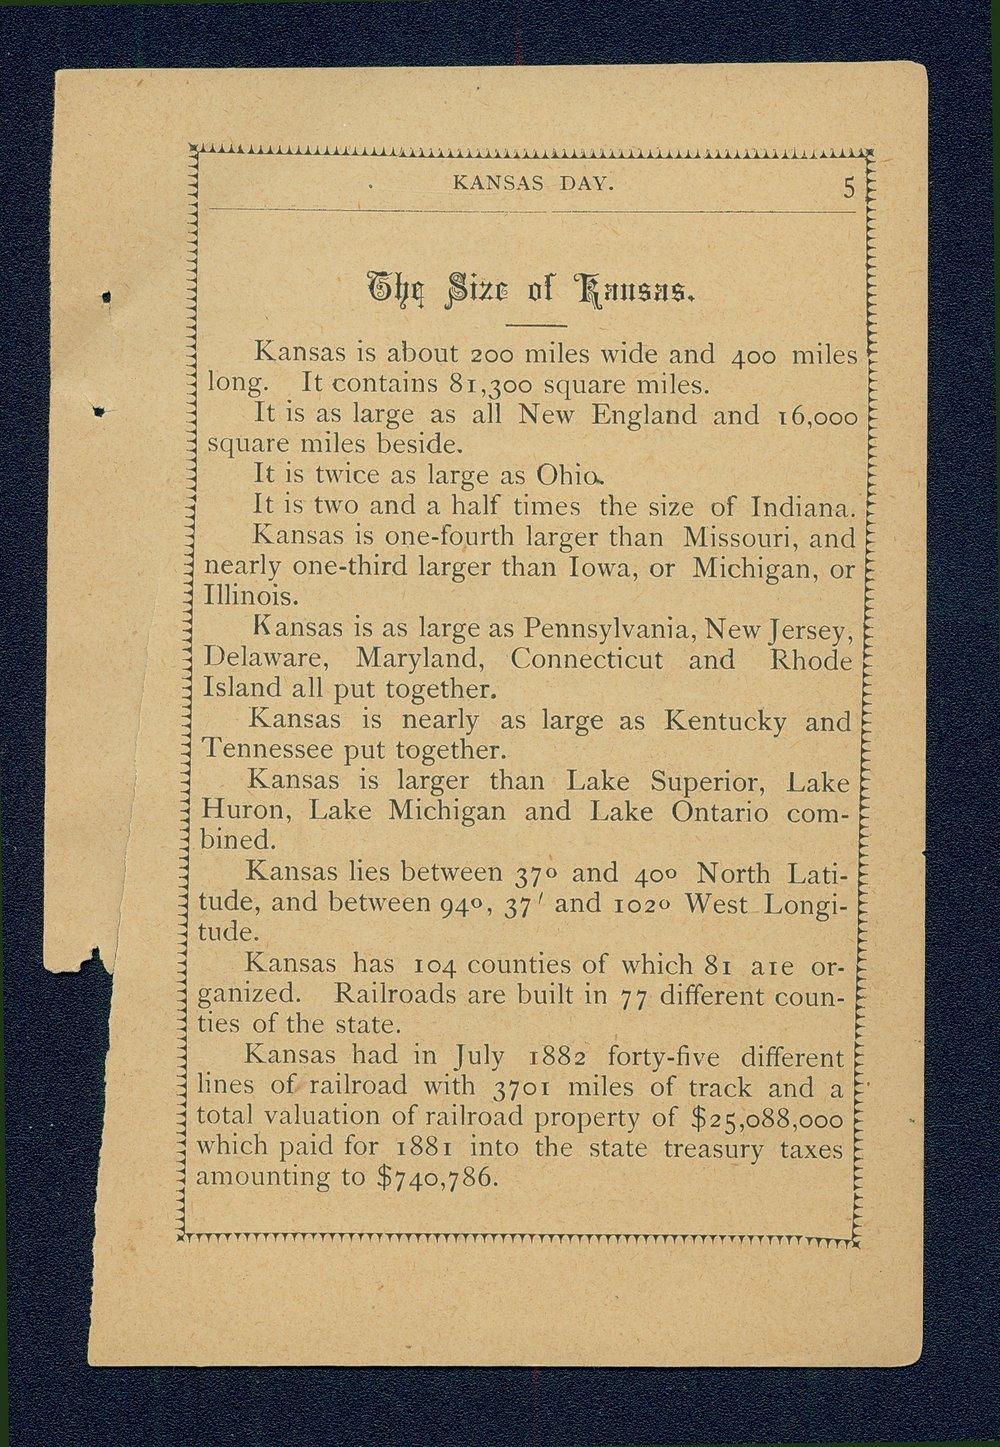 Kansas Day for Kansas schools - 5